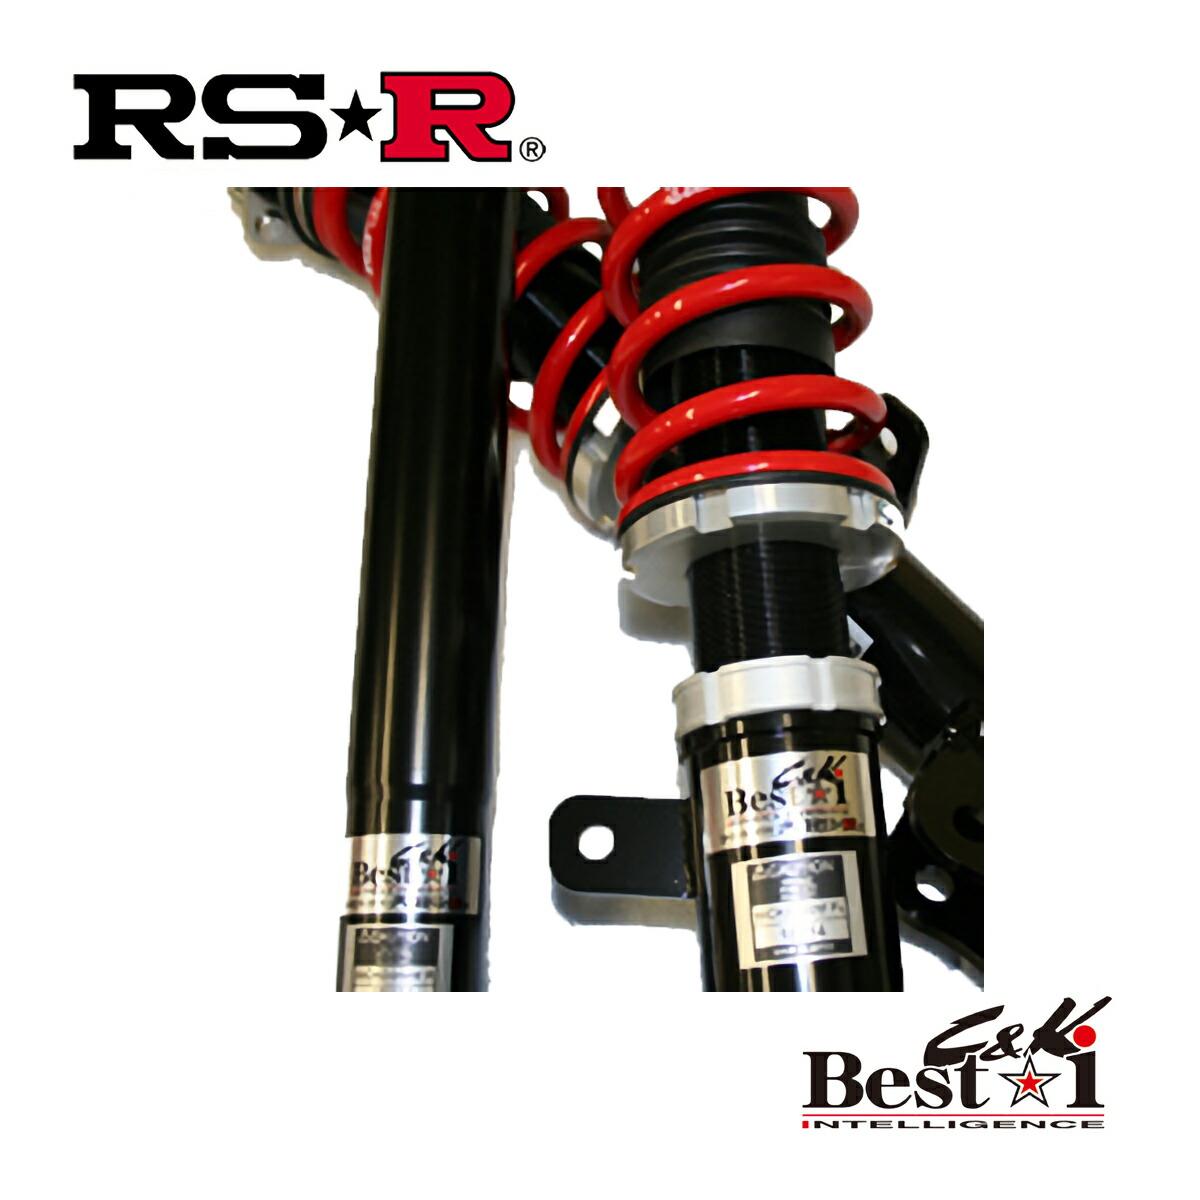 RS-R N-BOXカスタム G・Lターボ ホンダセンシング JF3 車高調 リア車高調整:ネジ式 BICKH425M ベストi C&K RSR 条件付き送料無料